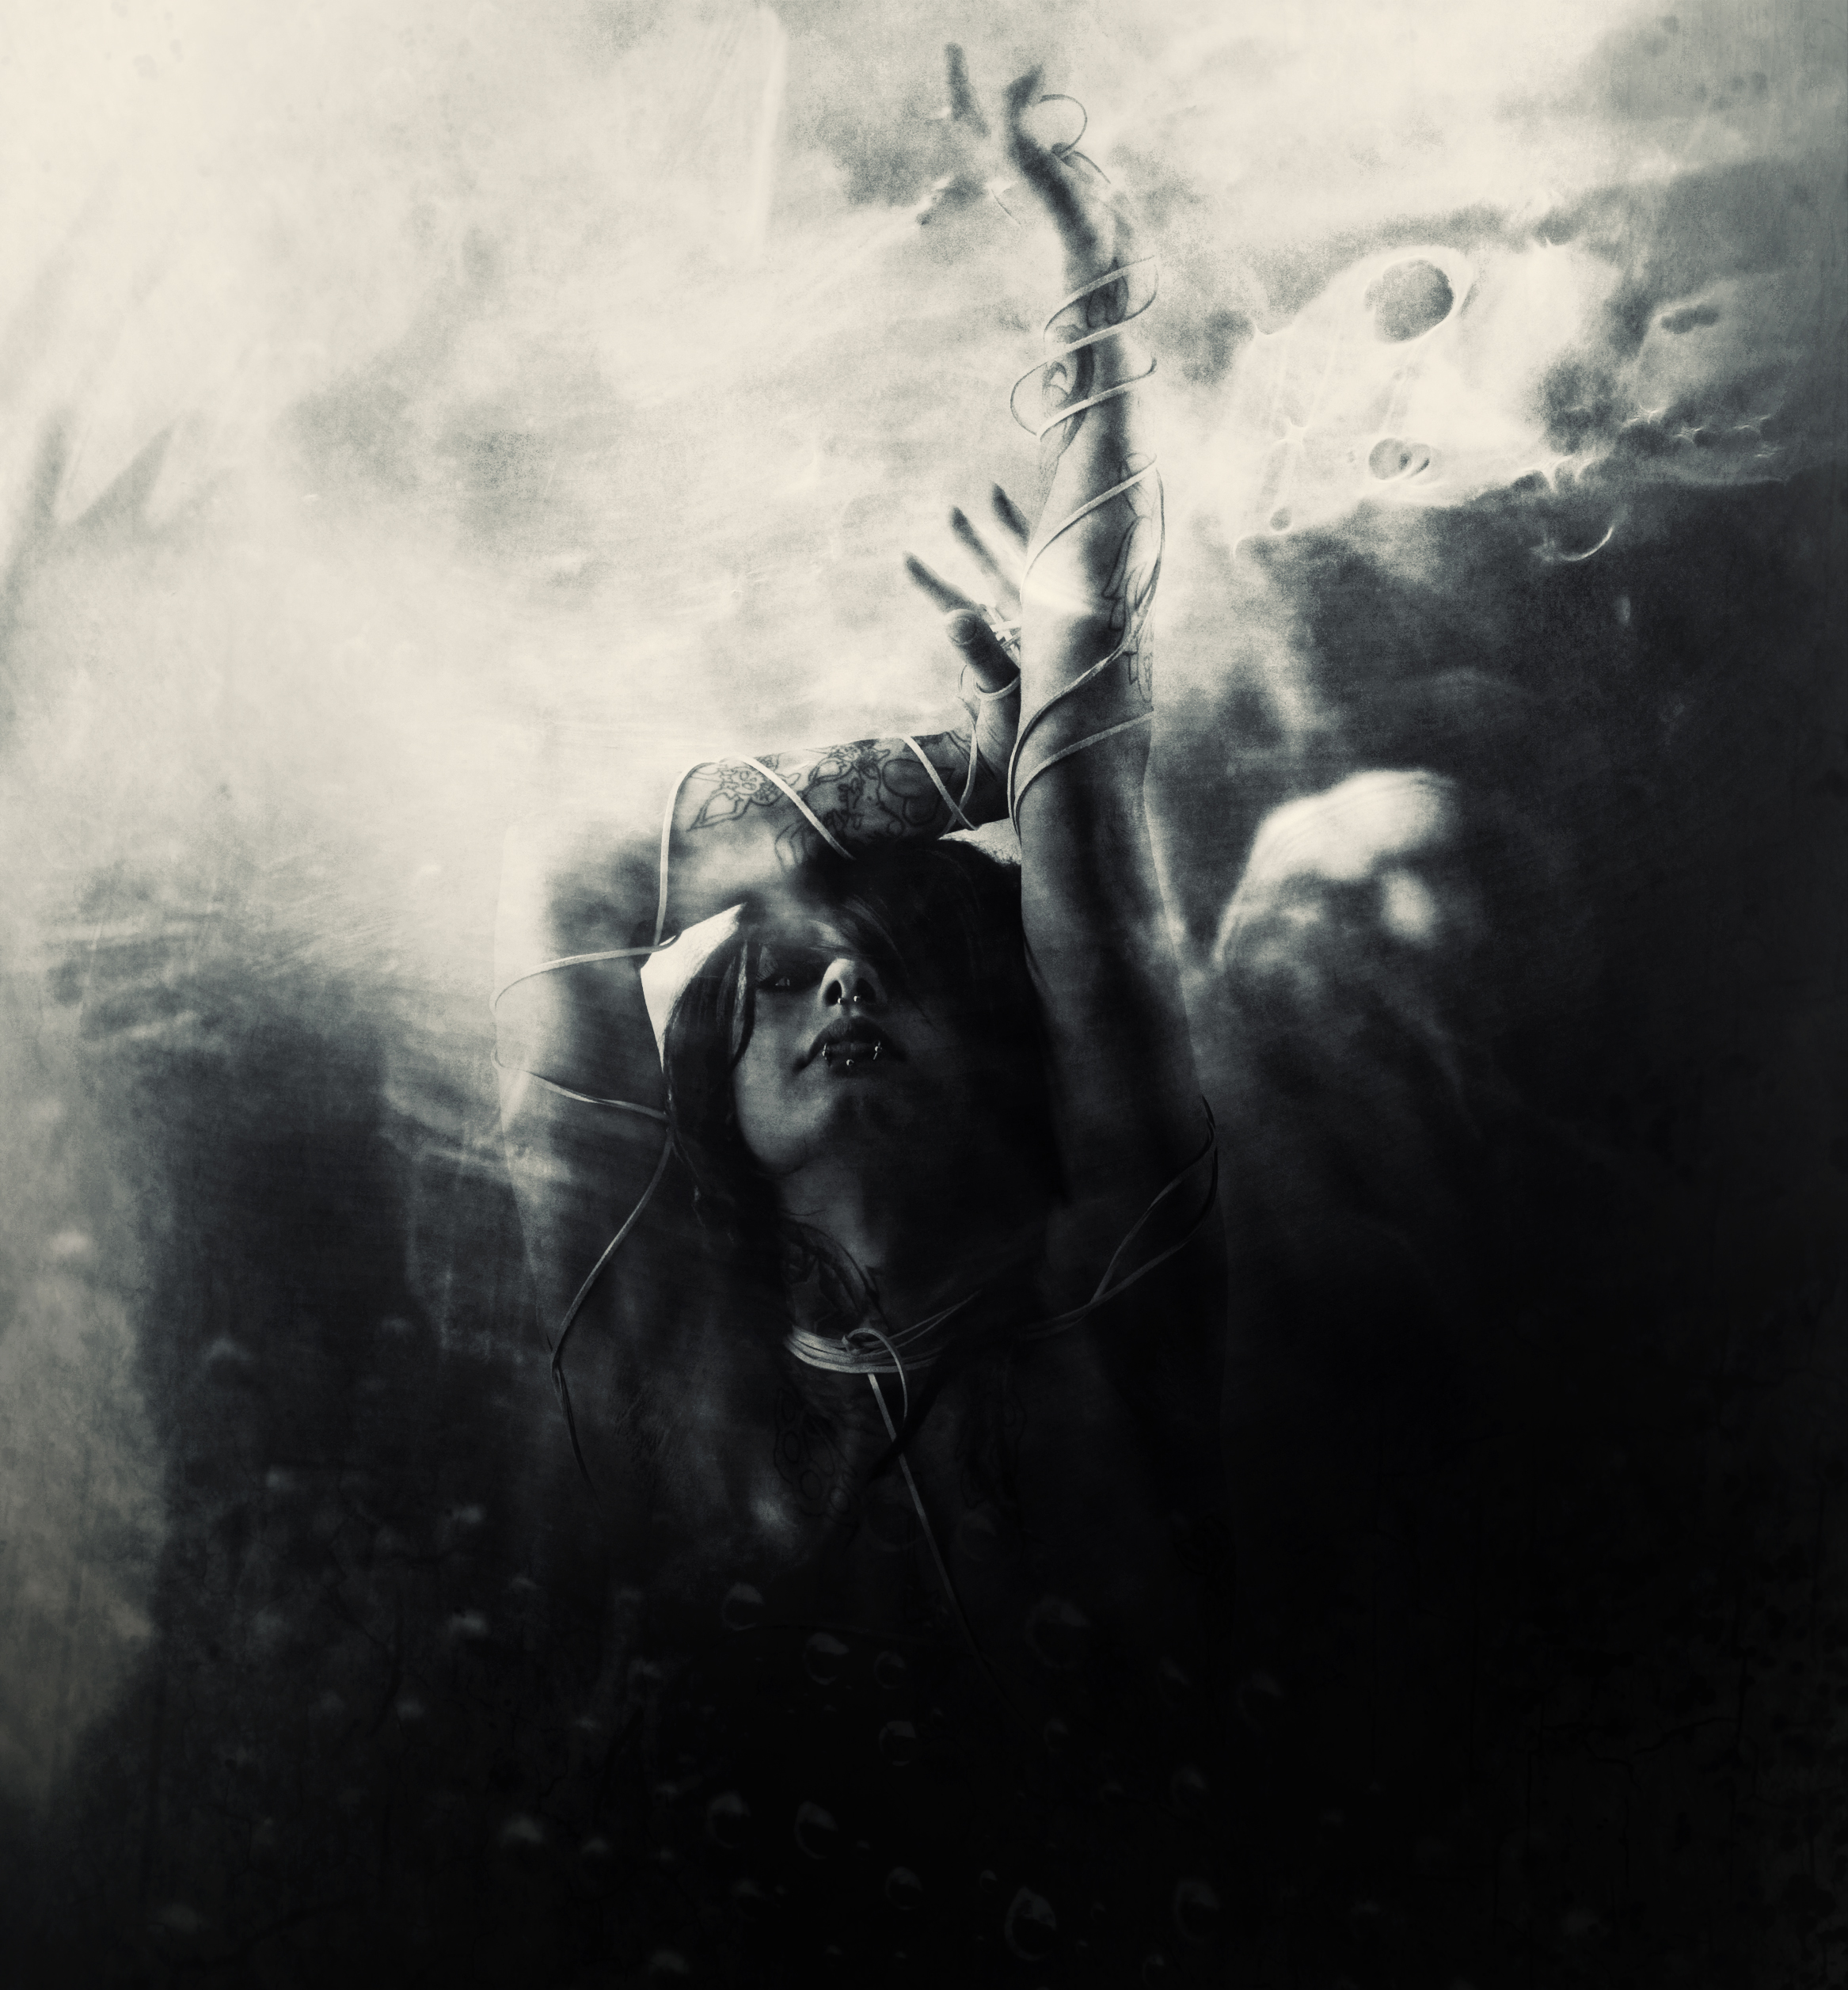 ascendant by Darkzero-sdz